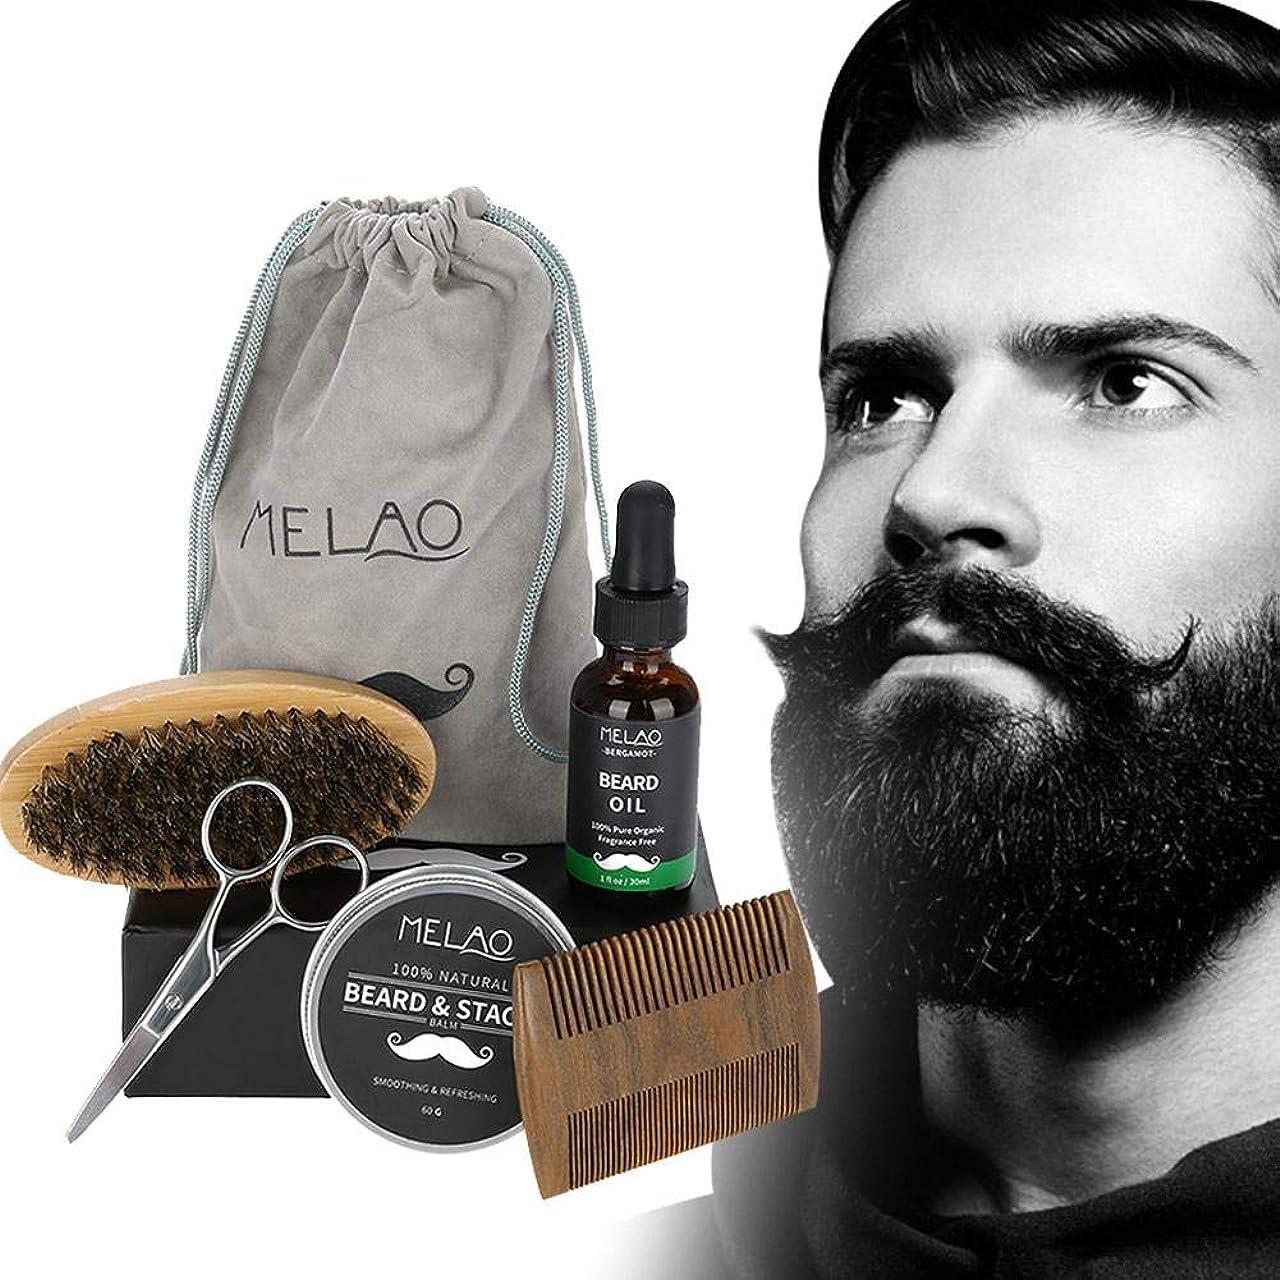 存在するディプロマ有罪ビアードケアセット、髭ケア必需品 メンズひげクリーム シェービングトリートメント 保湿/滋養/ 携帯便利 最高の贈り物